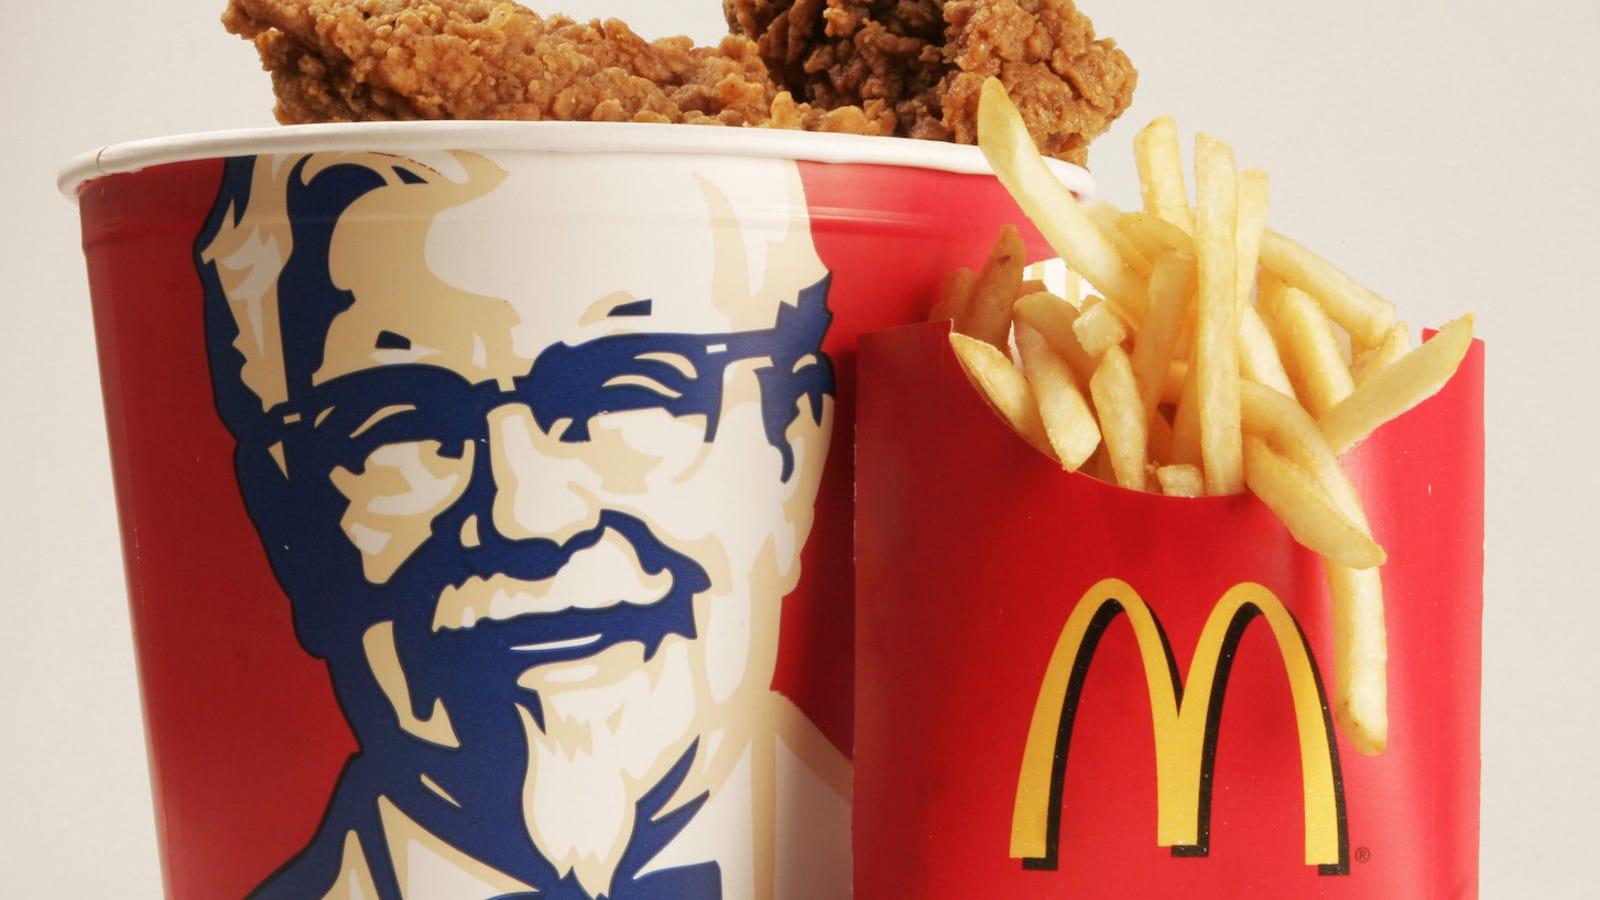 La verdadera historia del hombre que siempre viste mientras comías pollo frito: el Coronel Sanders